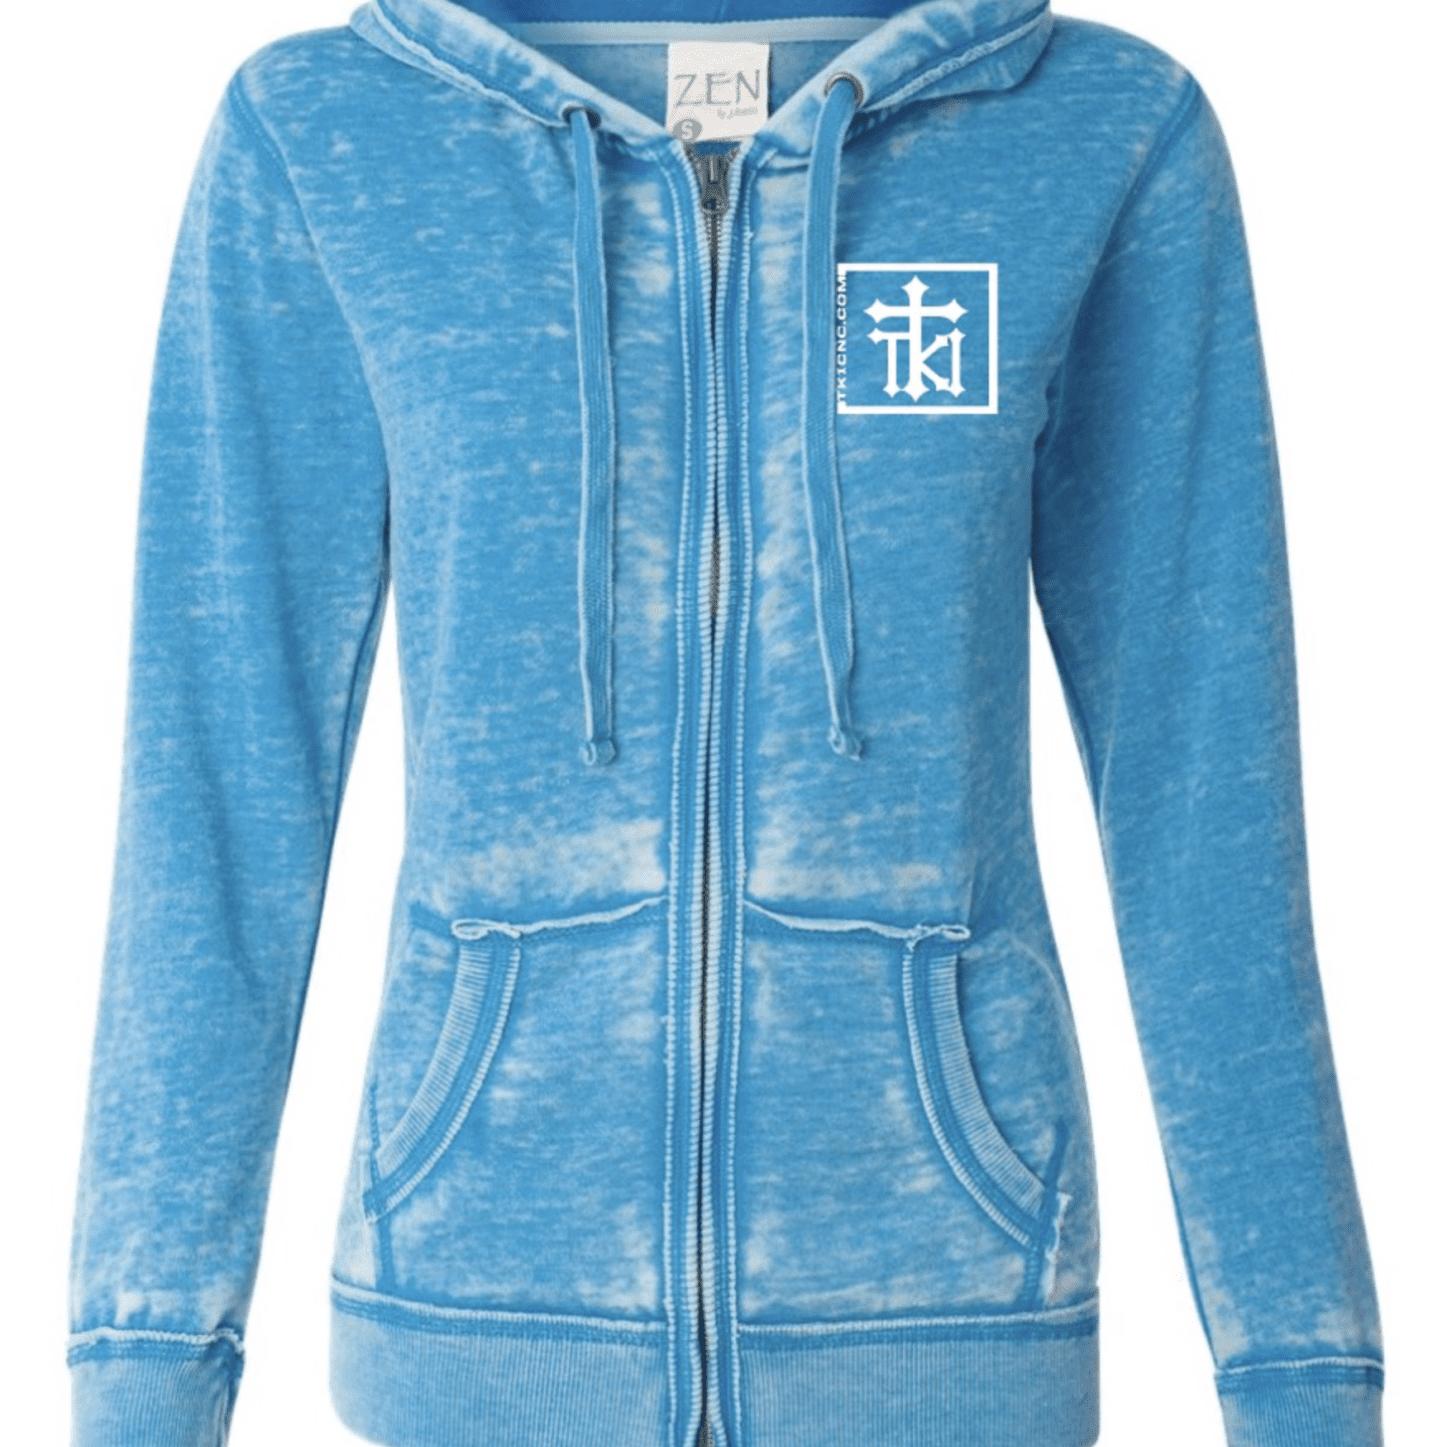 J America Ladies Zen Fleece Full-Zip Hooded Sweatshirt - Oceanberry (FRONT)